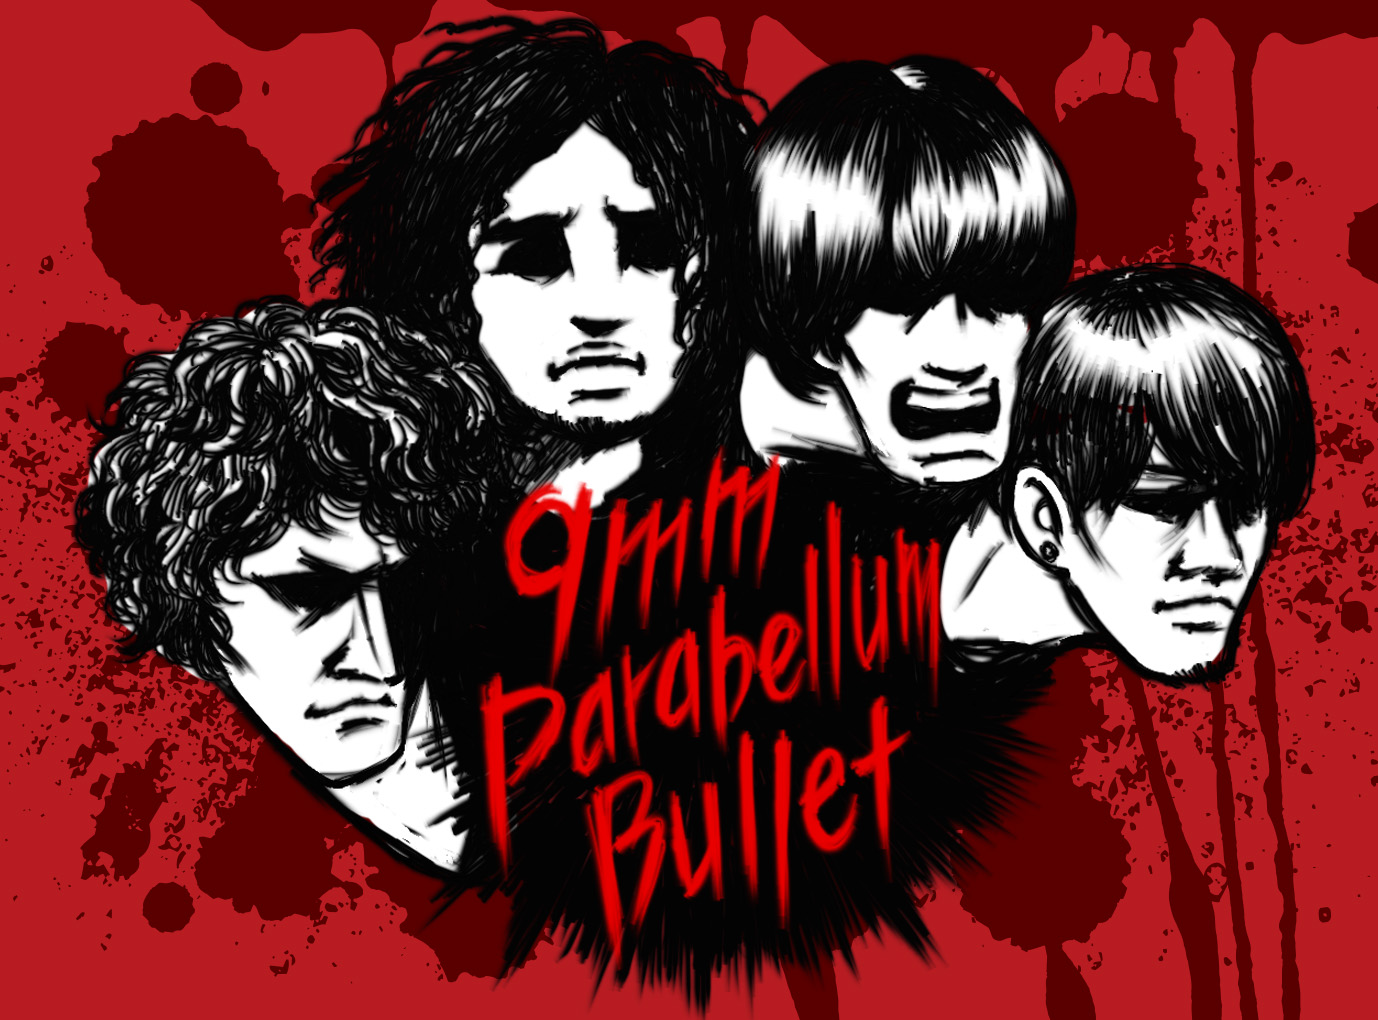 9mm Parabellum Bullet 9mm Parabellum Bullet、新曲のみ